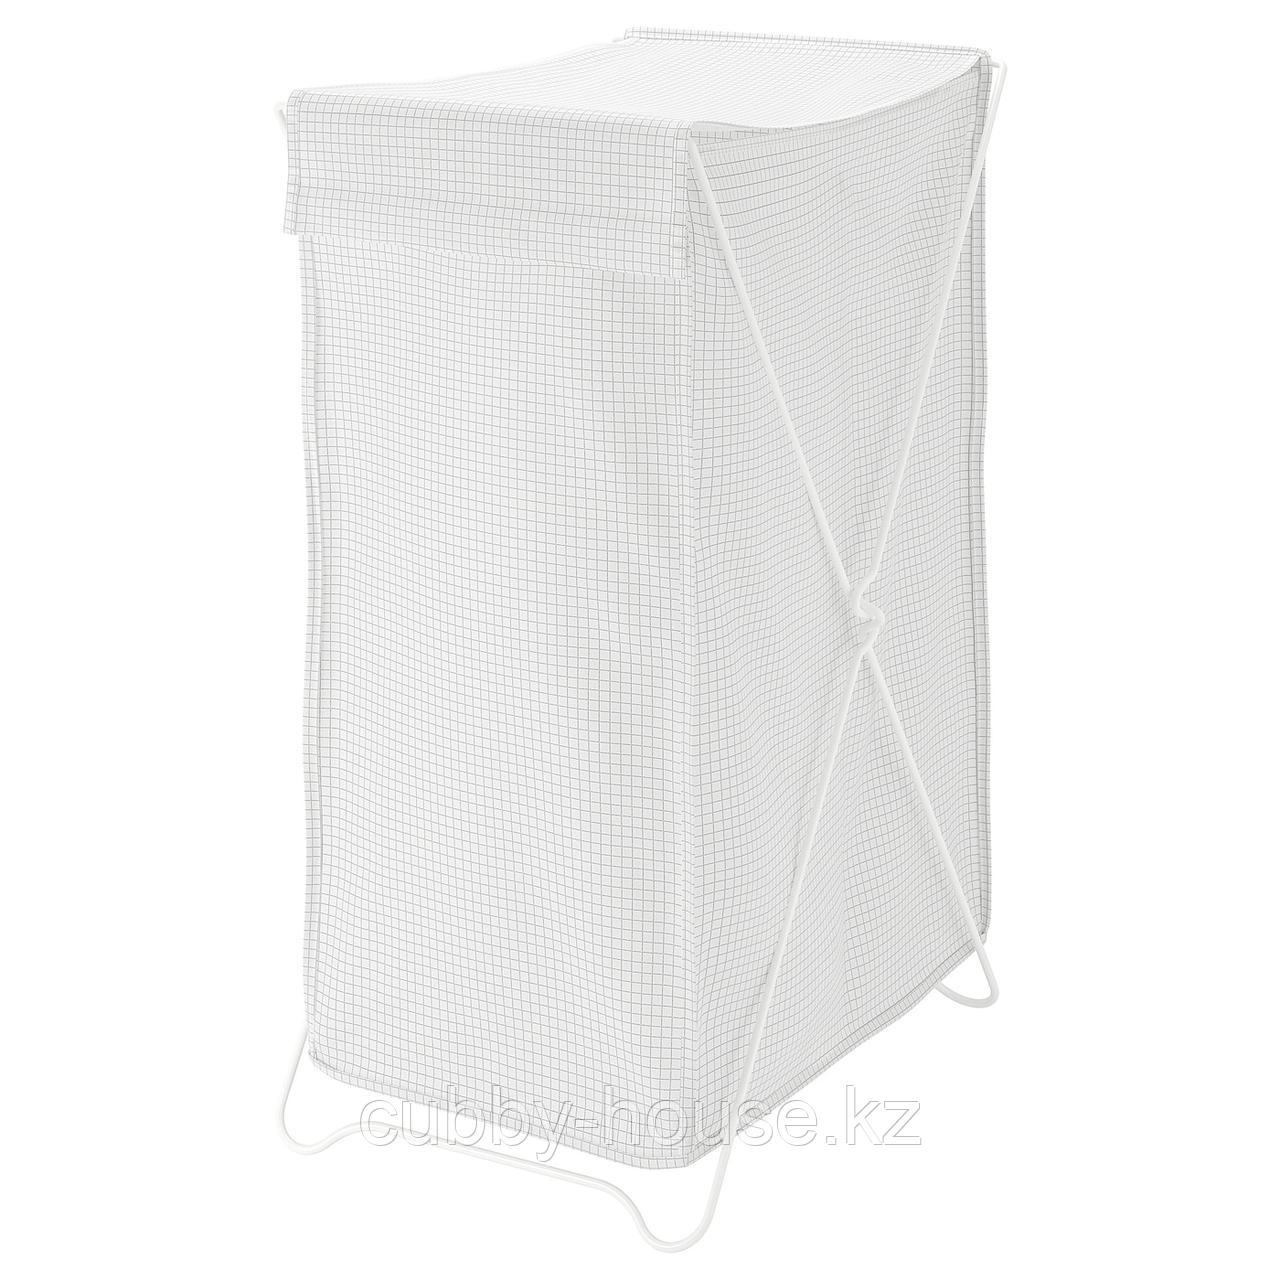 ТОРКИС Корзина для белья, белый/серый, 90 л